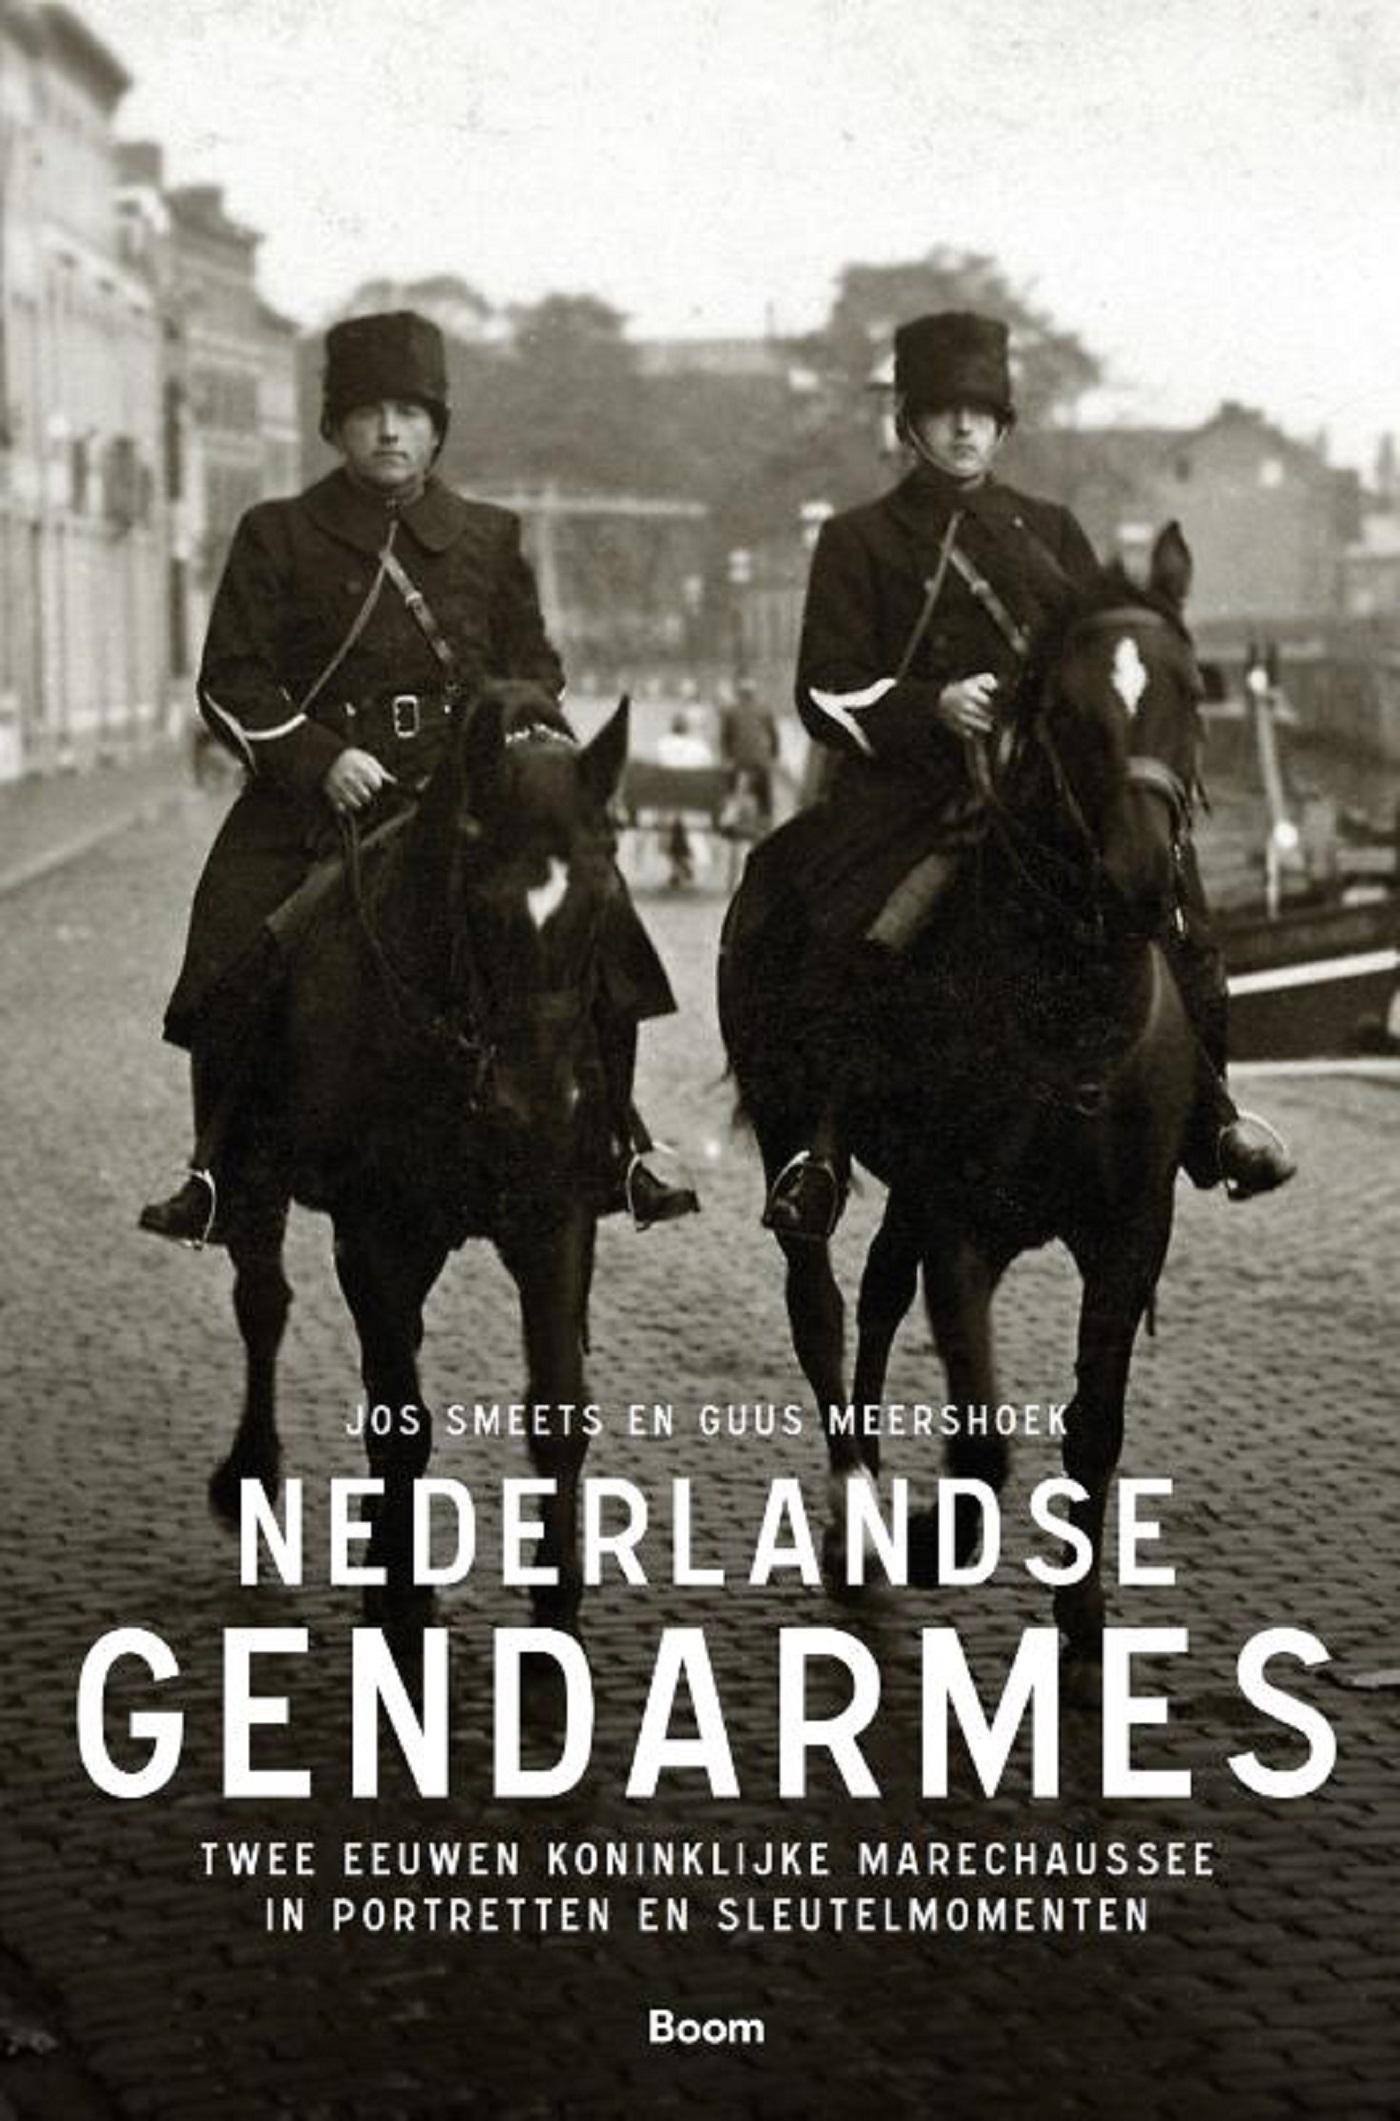 Nederlandse gendarmes